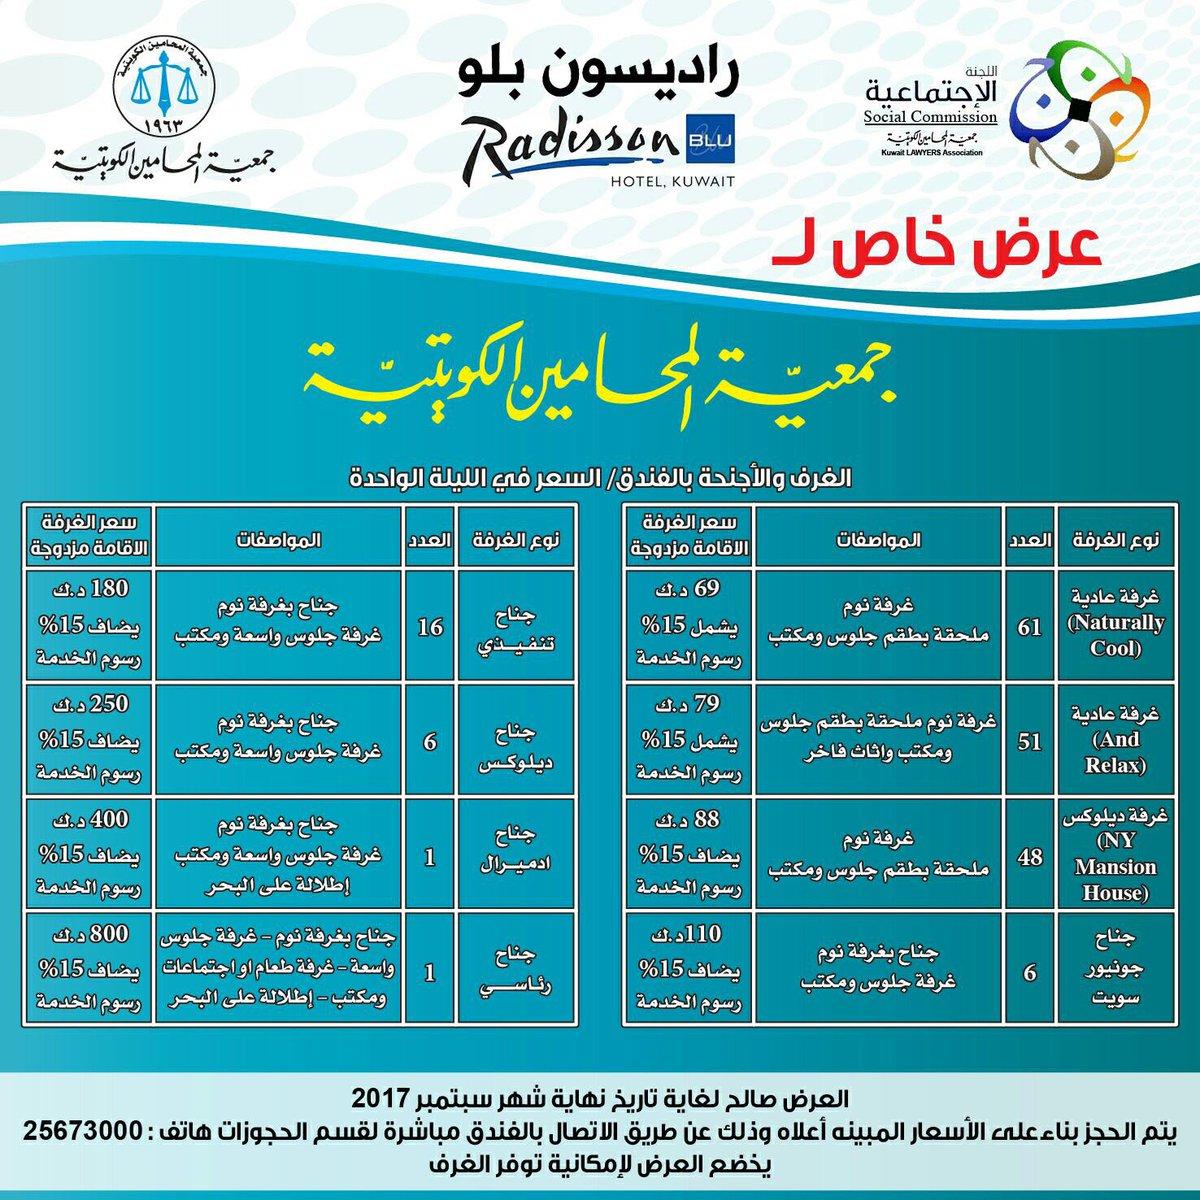 يرجى ابراز الهوية للإستفادة من العرض #جمعية_المحامين_الكويتيةpic.twitter.com/FXqAPog2o9